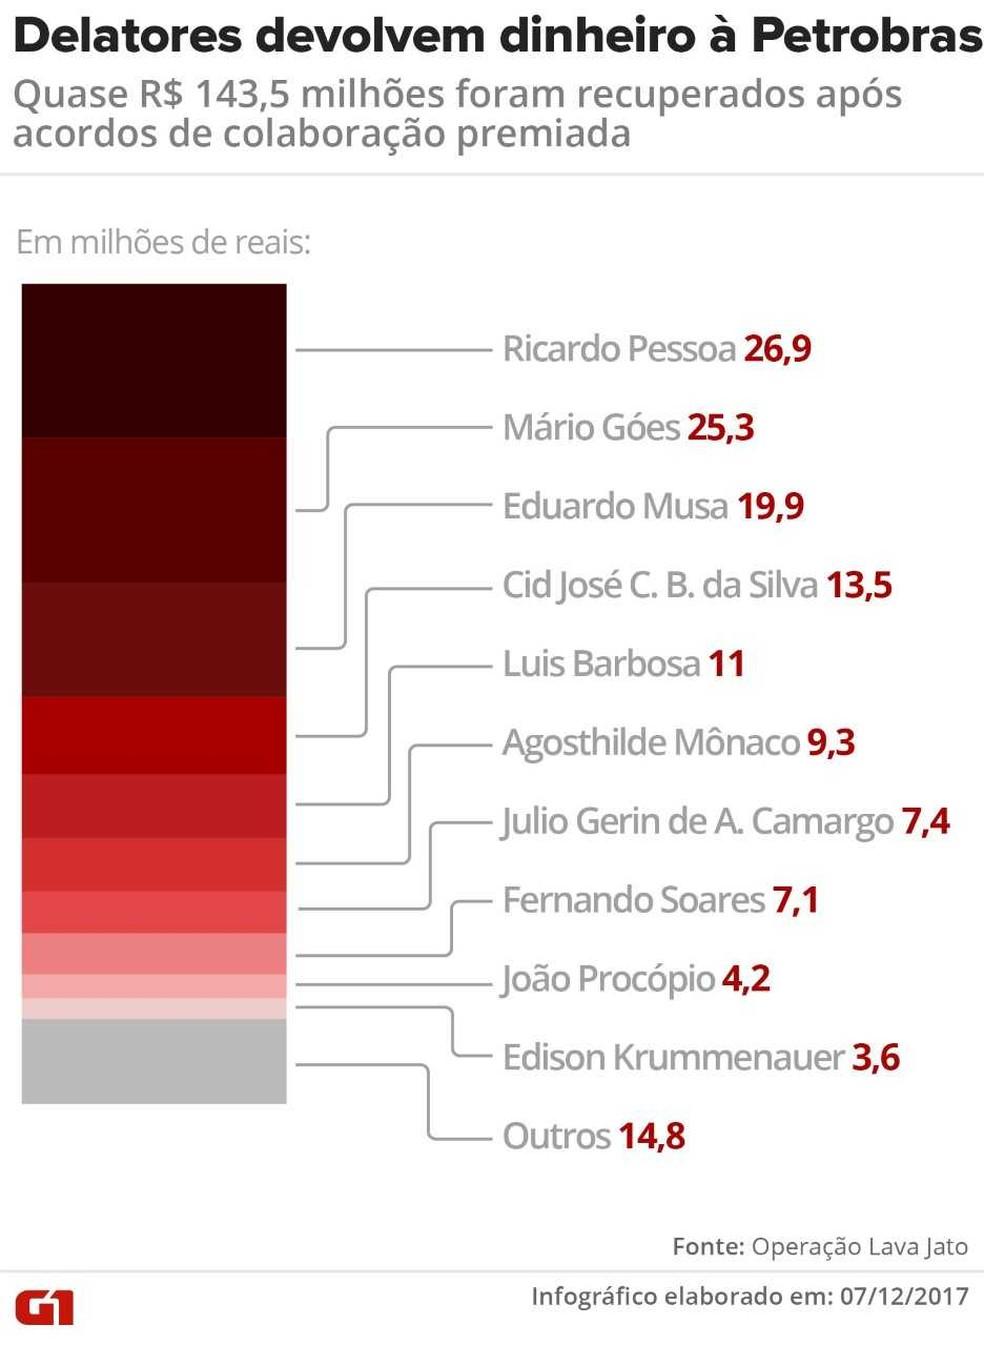 Delatores devolvem quase R$ 143,5 milhões à Petrobras (Foto: Igor Estrella/G1)